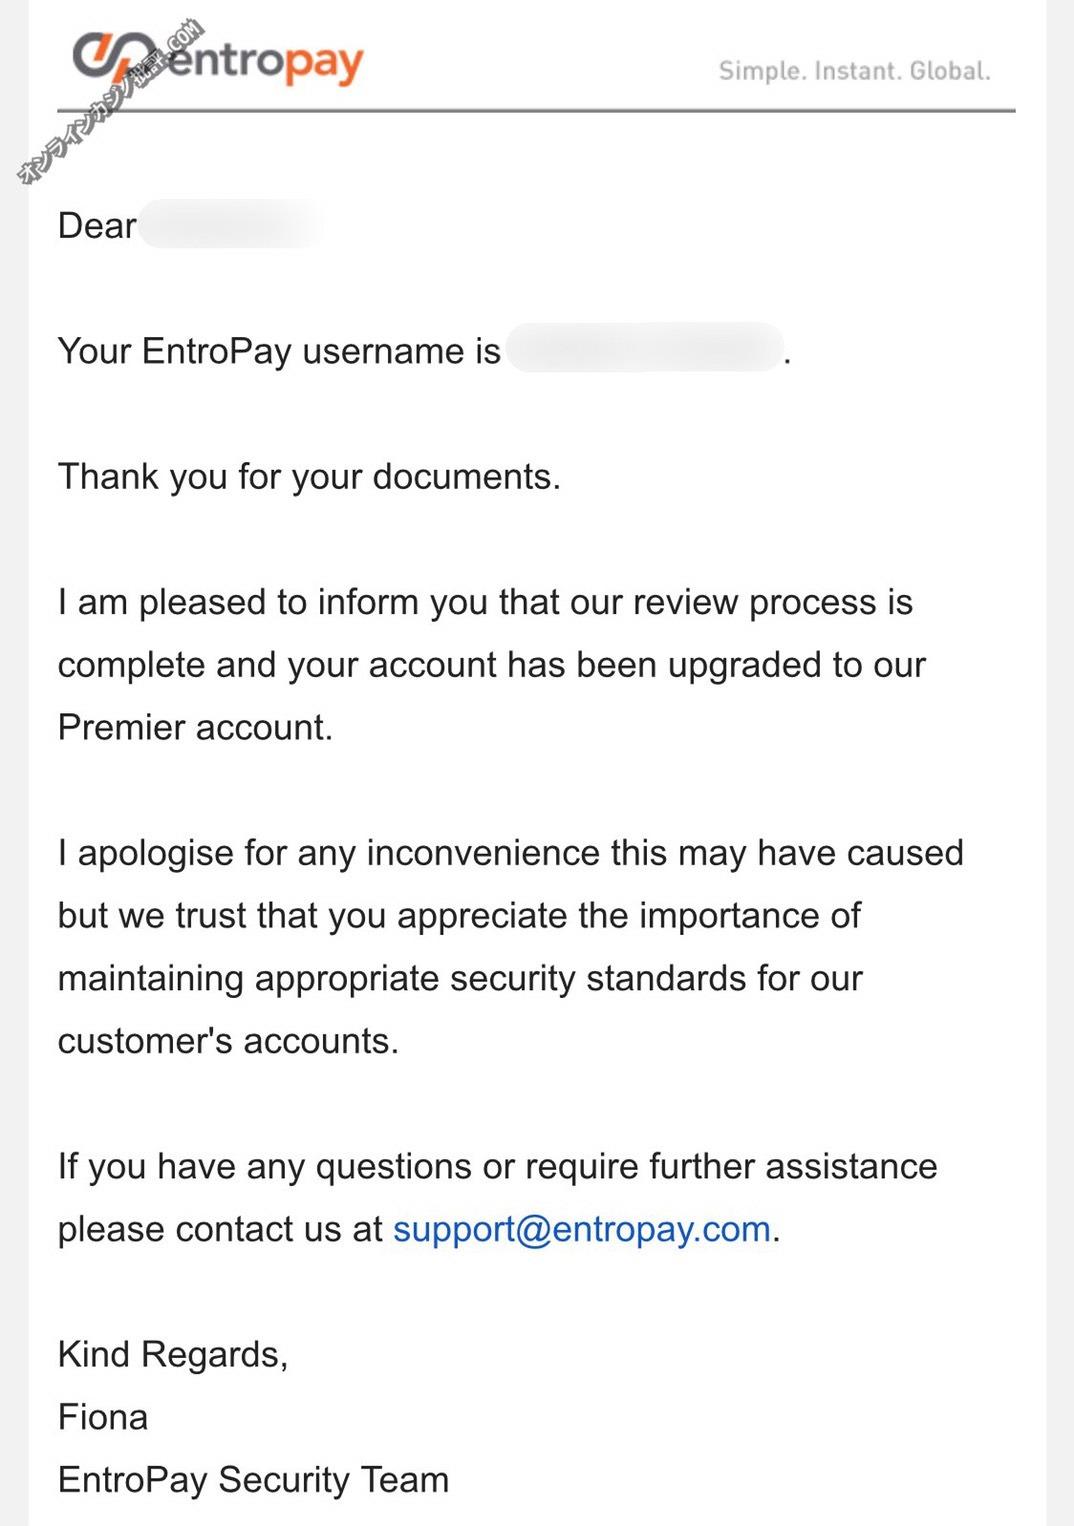 エントロペイ公式サイトからの通知メール画面